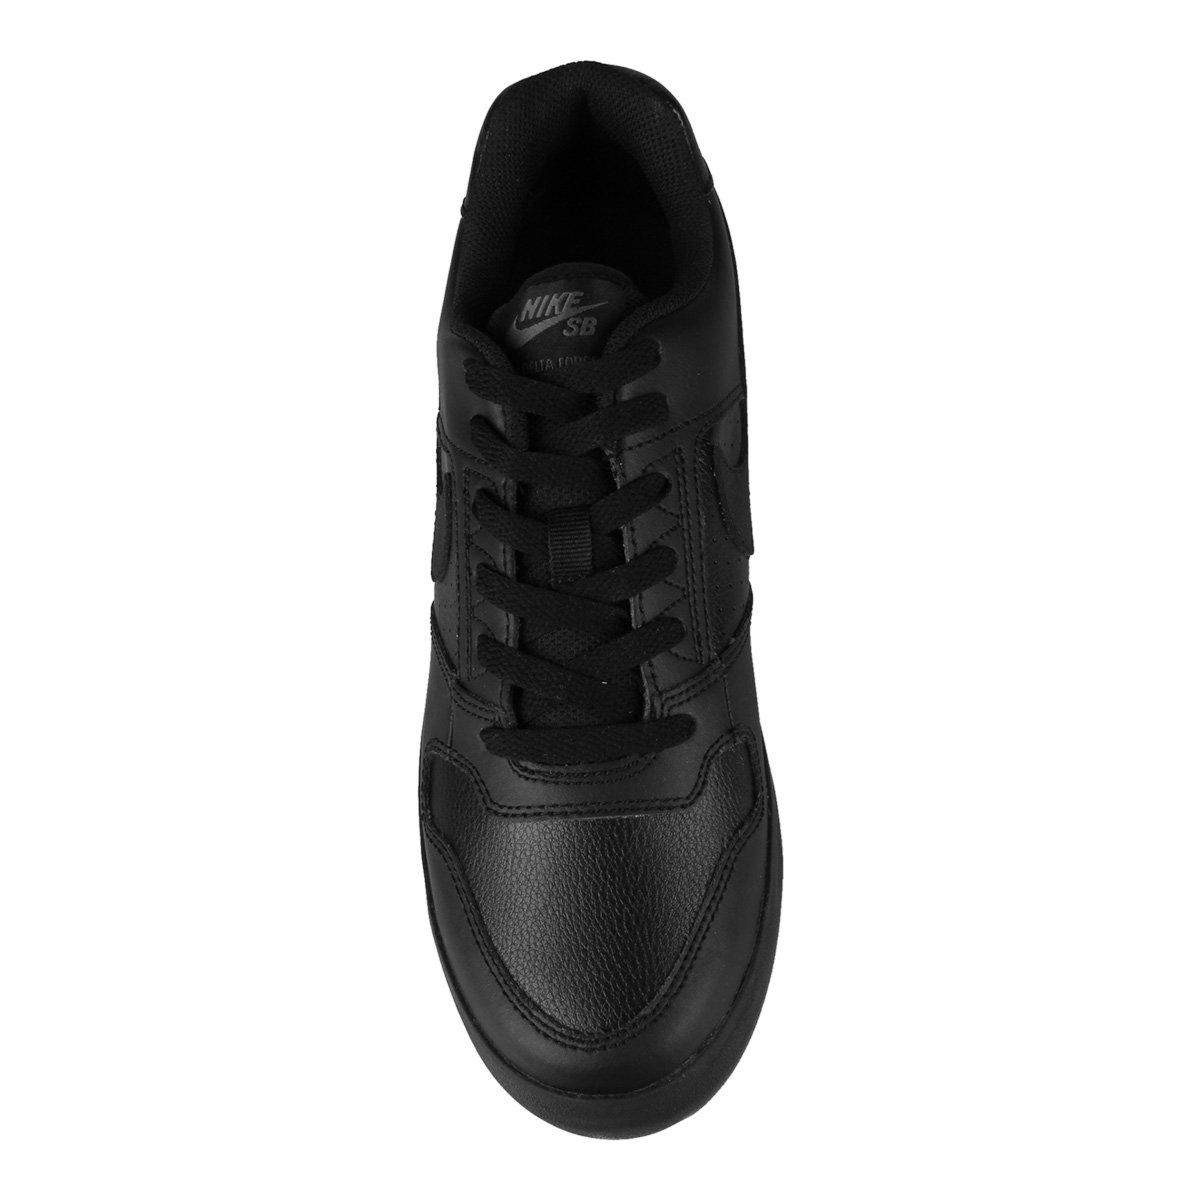 Tênis Nike SB Delta Force Vulc Masculino - Preto - Compre Agora ... 87eb1c8d18a